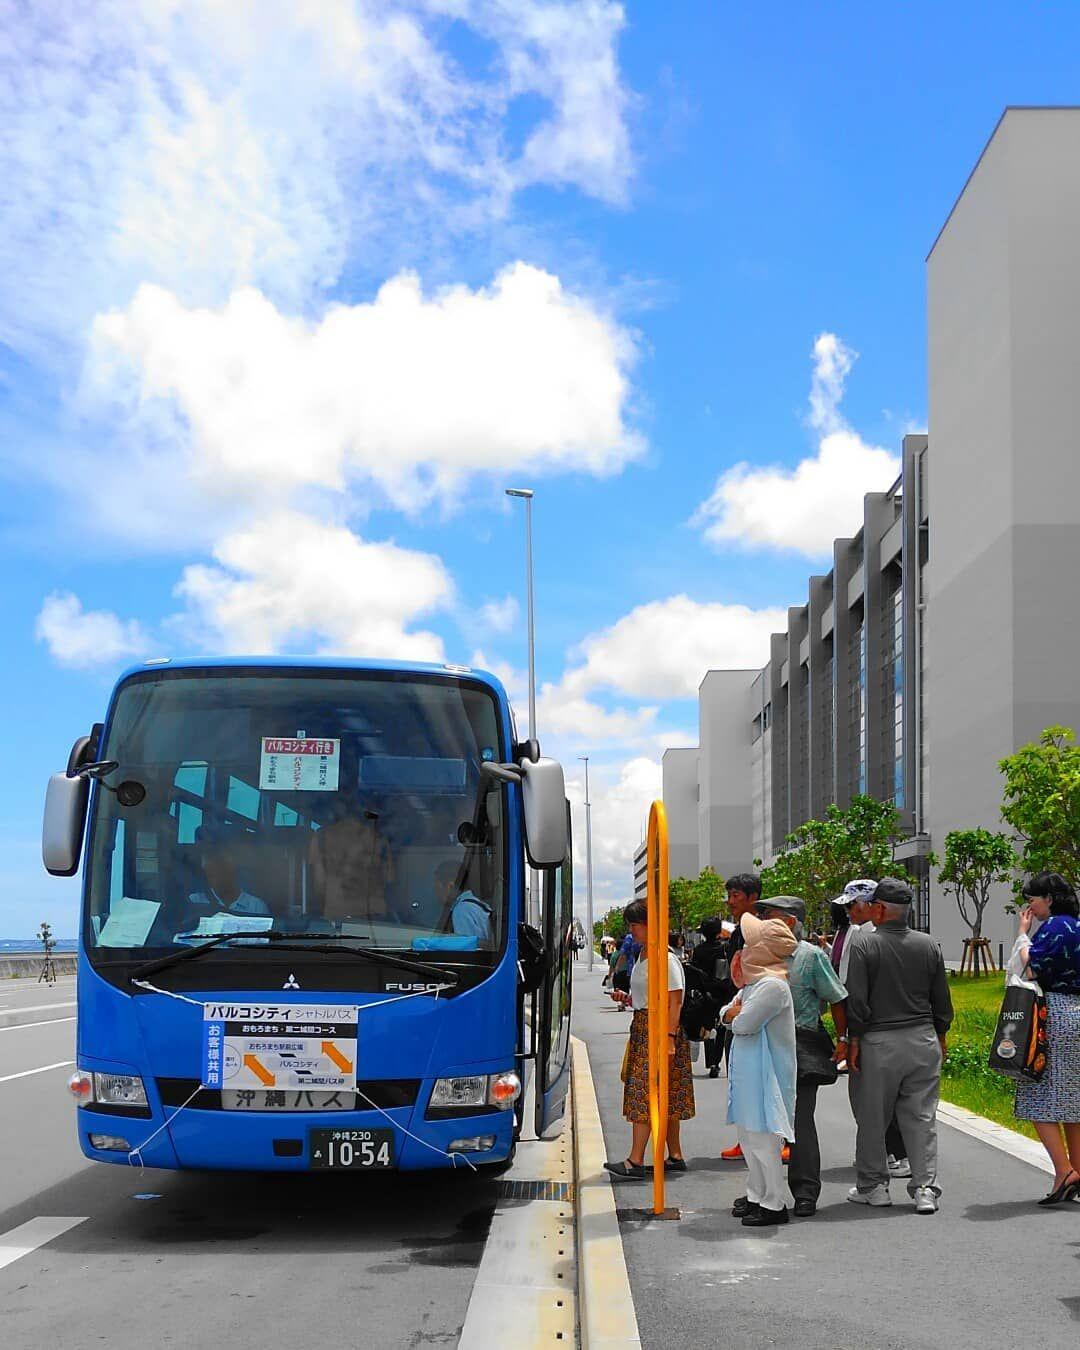 シャトル 沖縄 バス パルコ